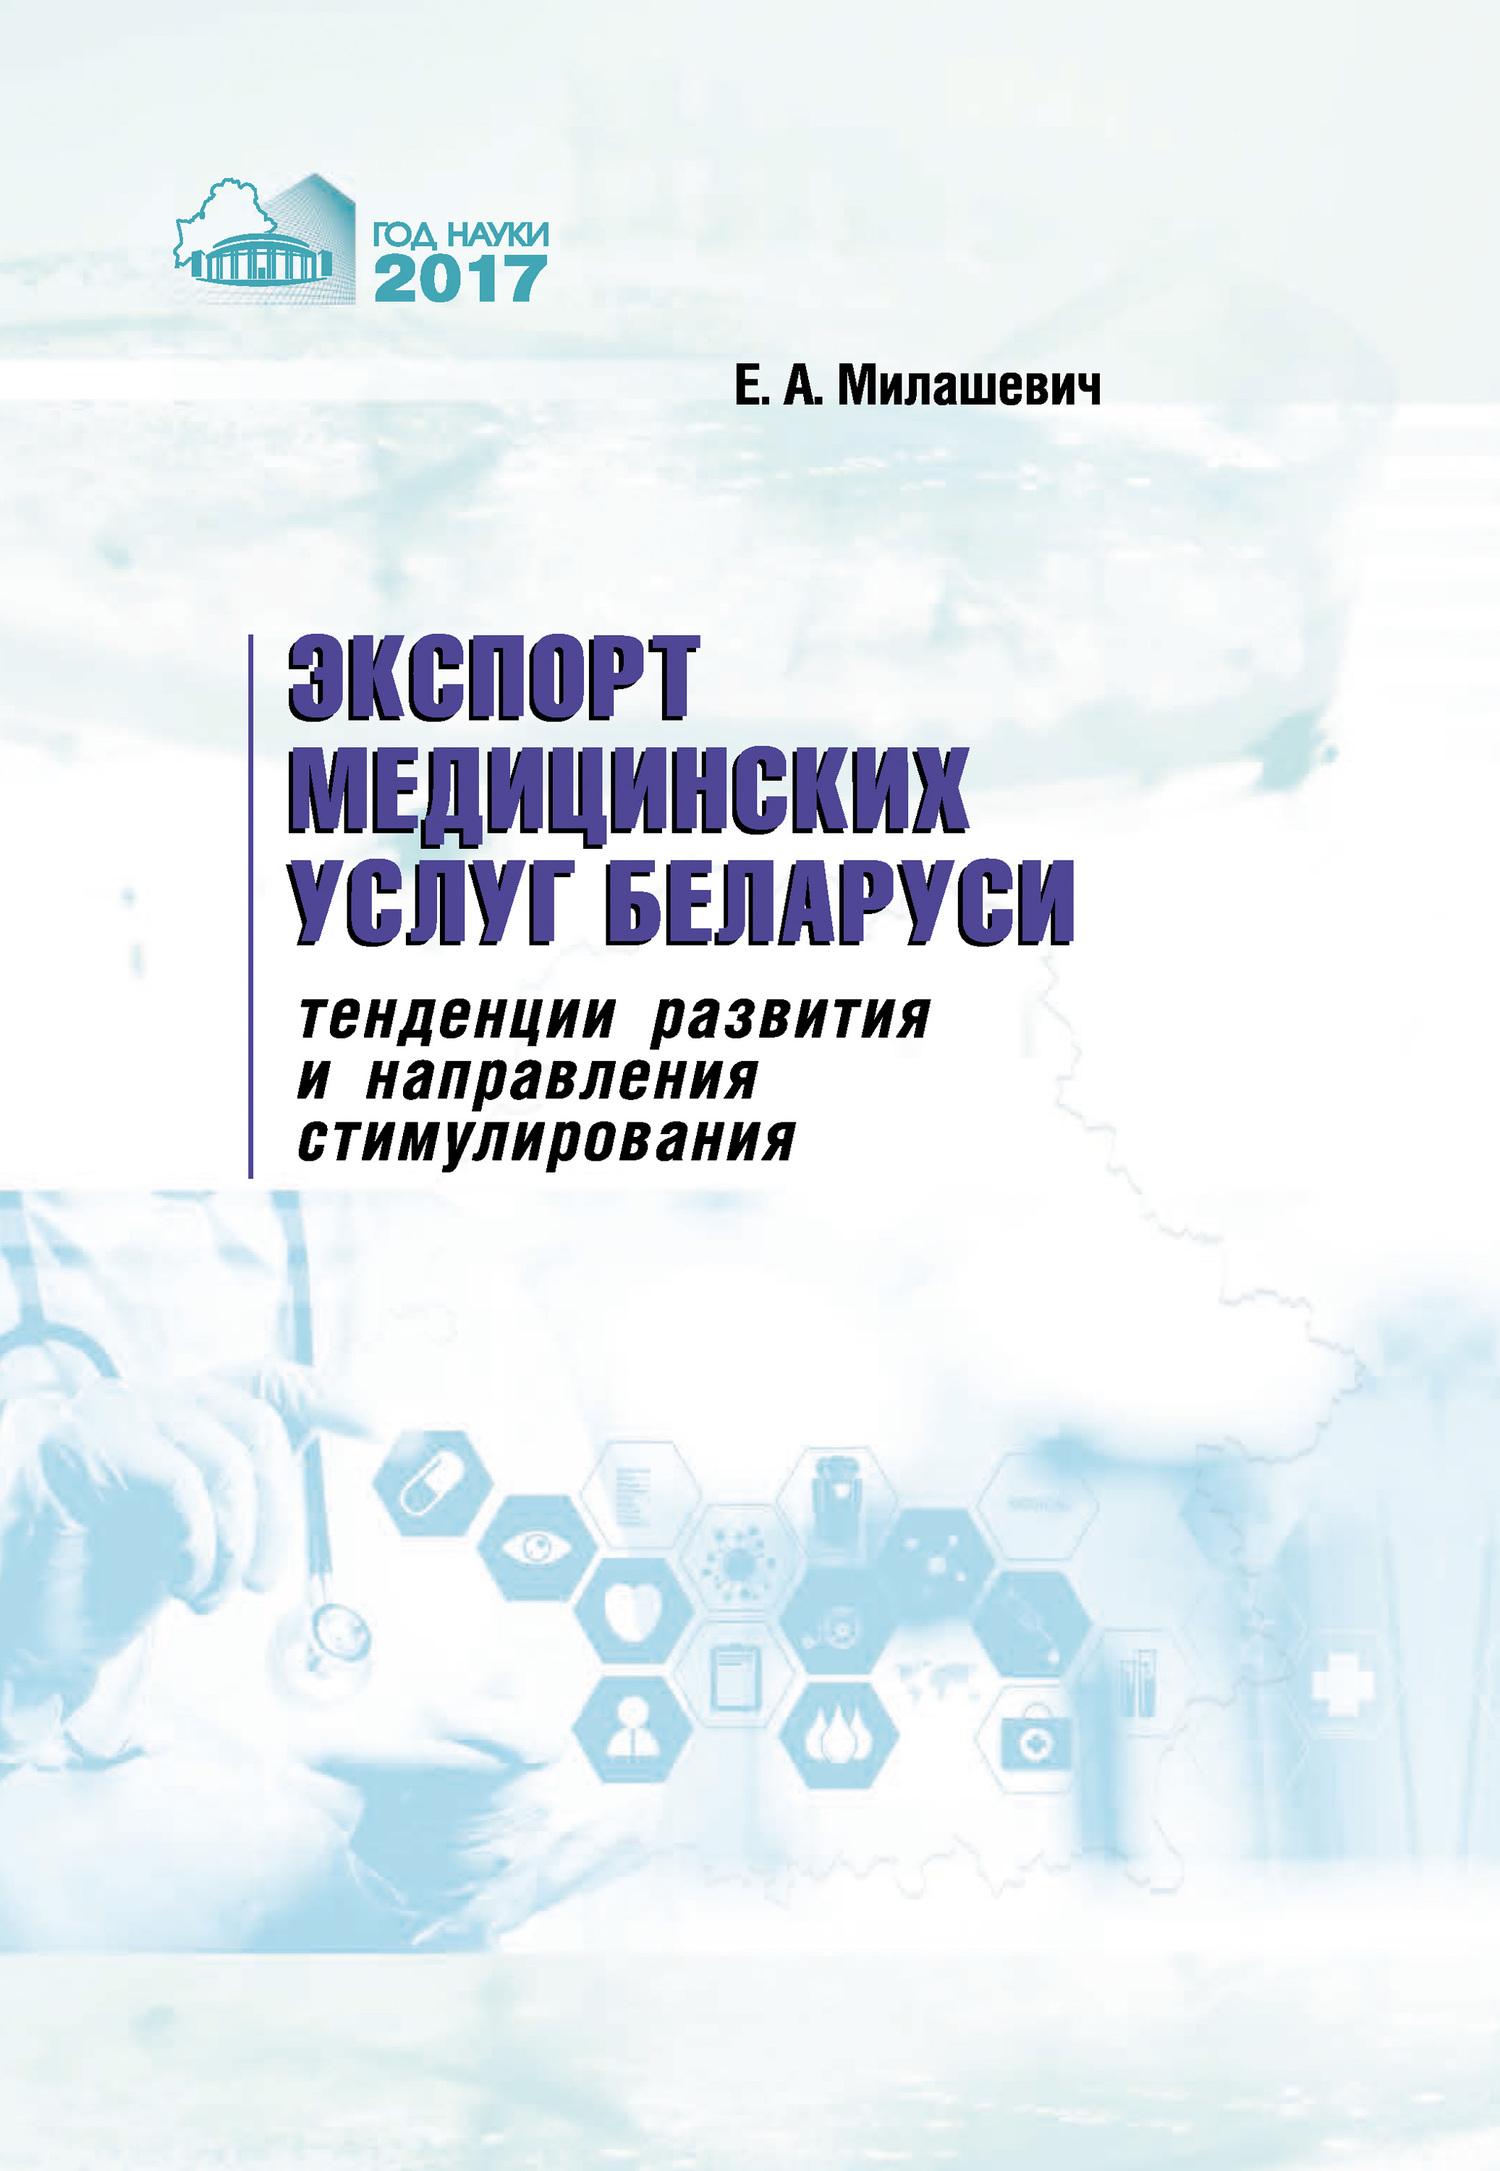 Елена Милашевич Экспорт медицинских услуг Беларуси: тенденции развития и направления стимулирования